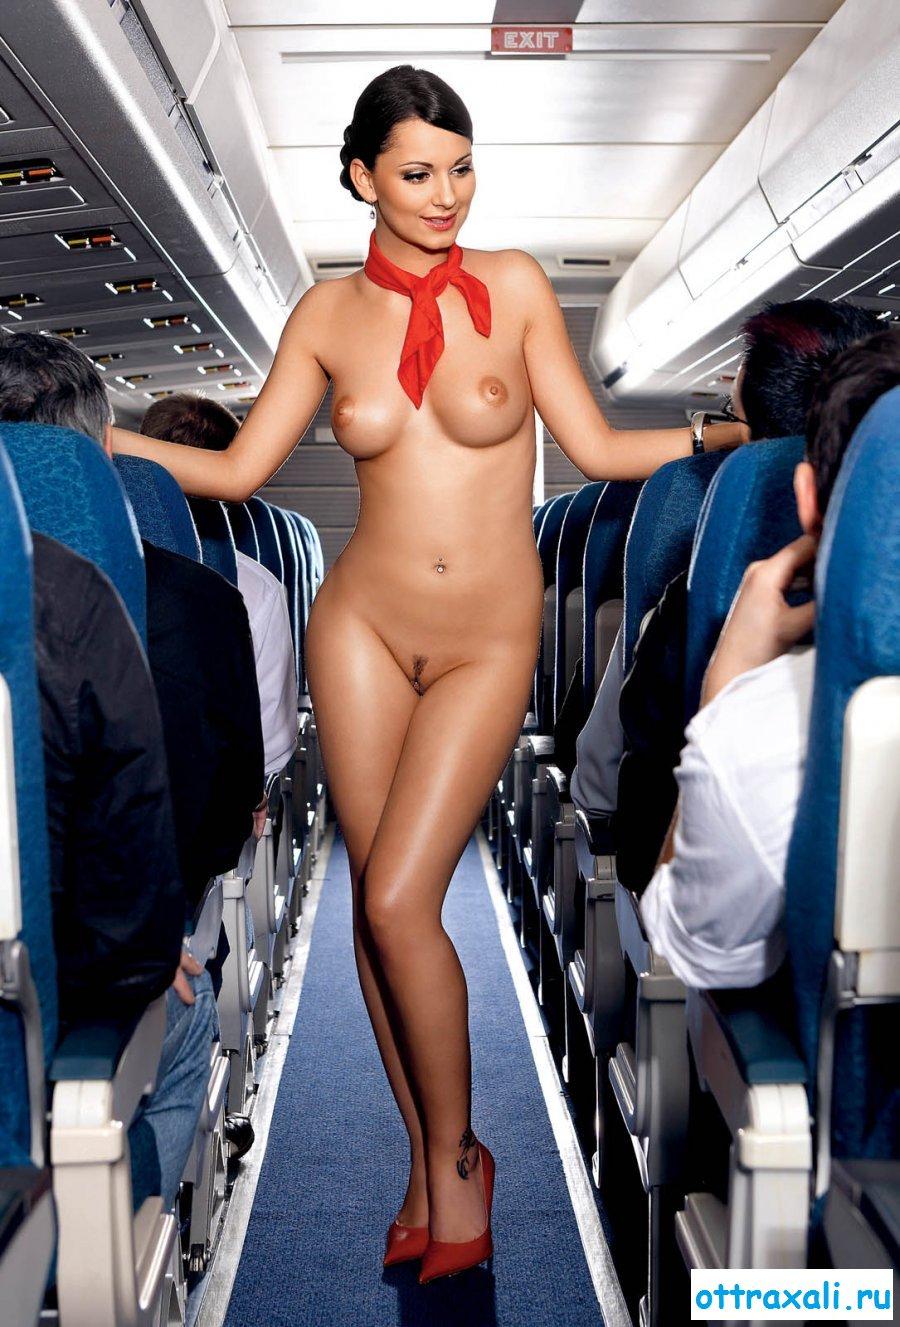 Эротические фотографии стюардессы фото 117-33